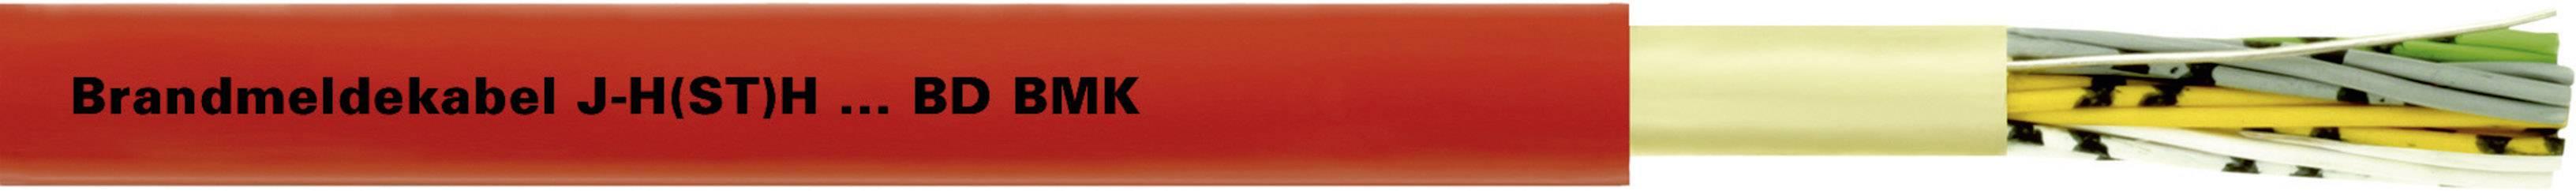 Signalizační kabel LappKabel J-H(ST)H...BD 2X2X0,8 (30017798), 9 mm, červená, 1000 m